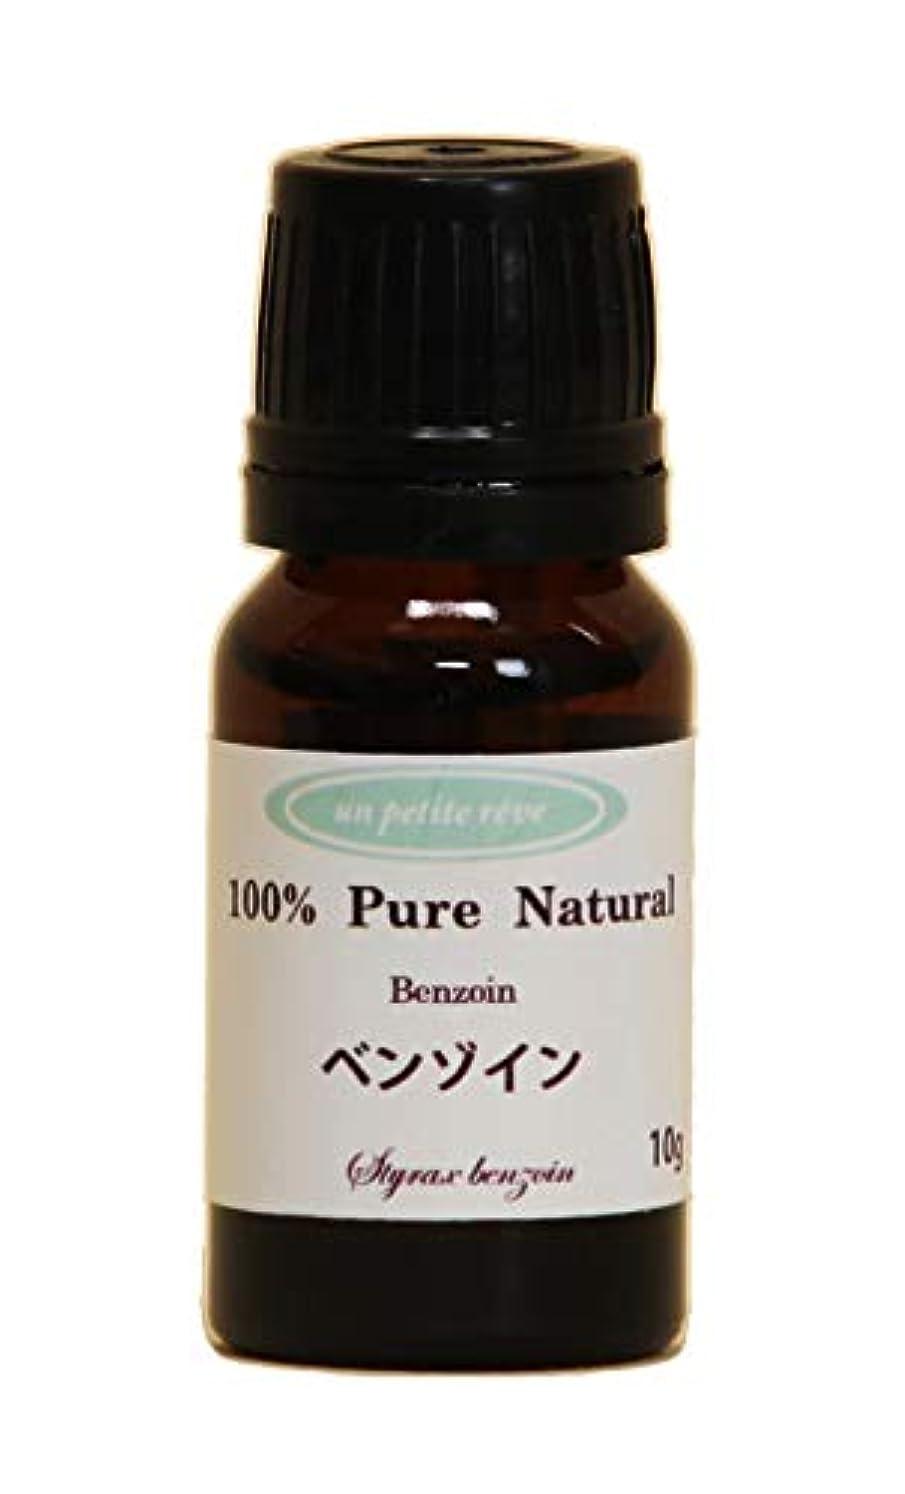 抑制調整可能好意ベンゾイン(ウッドマドラー付き) 10g 100%天然アロマエッセンシャルオイル(精油)